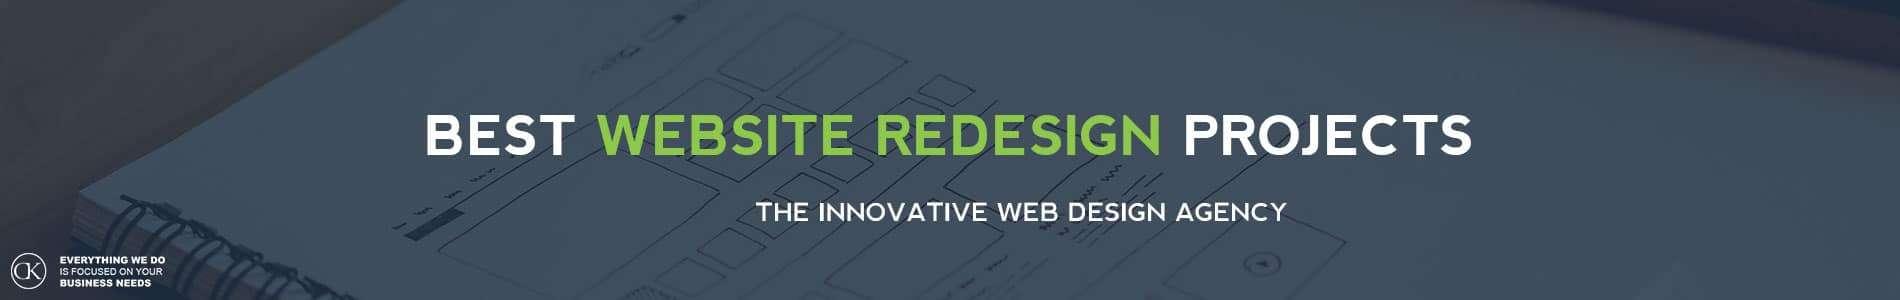 best website redesign dublin by CK web design dublin - featured website redesign image